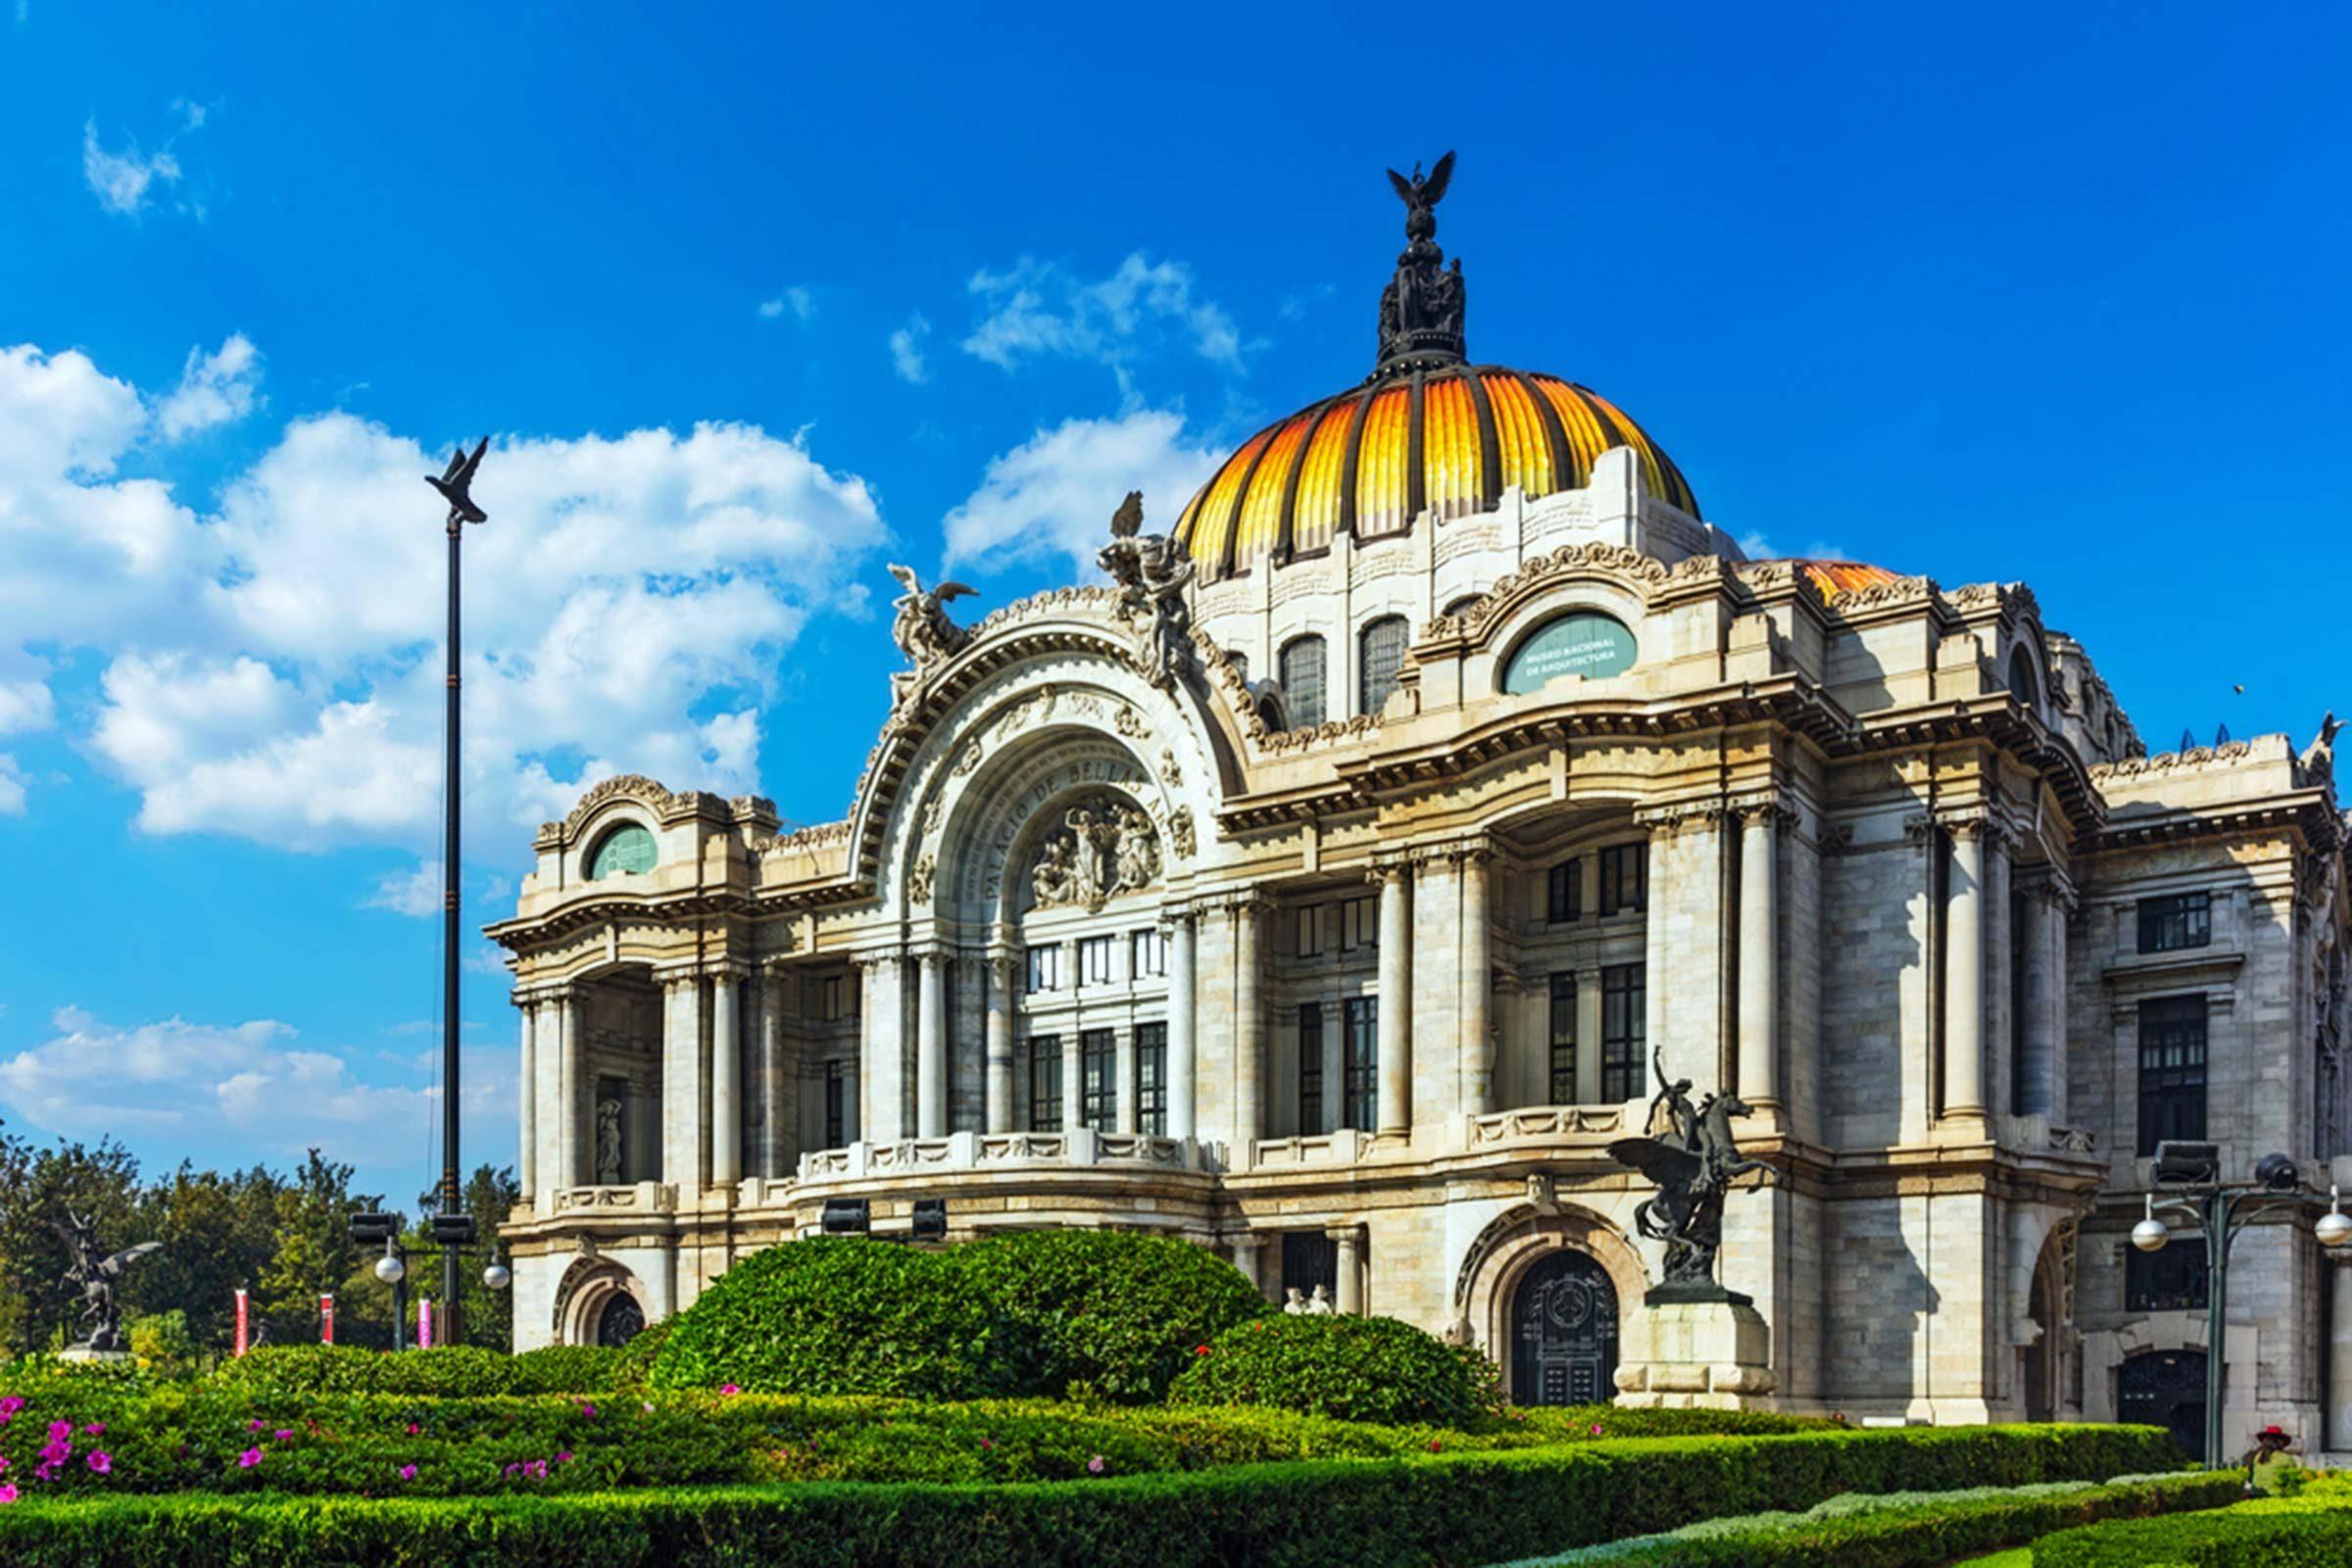 Le Mexique, une destination voyage riche en histoire